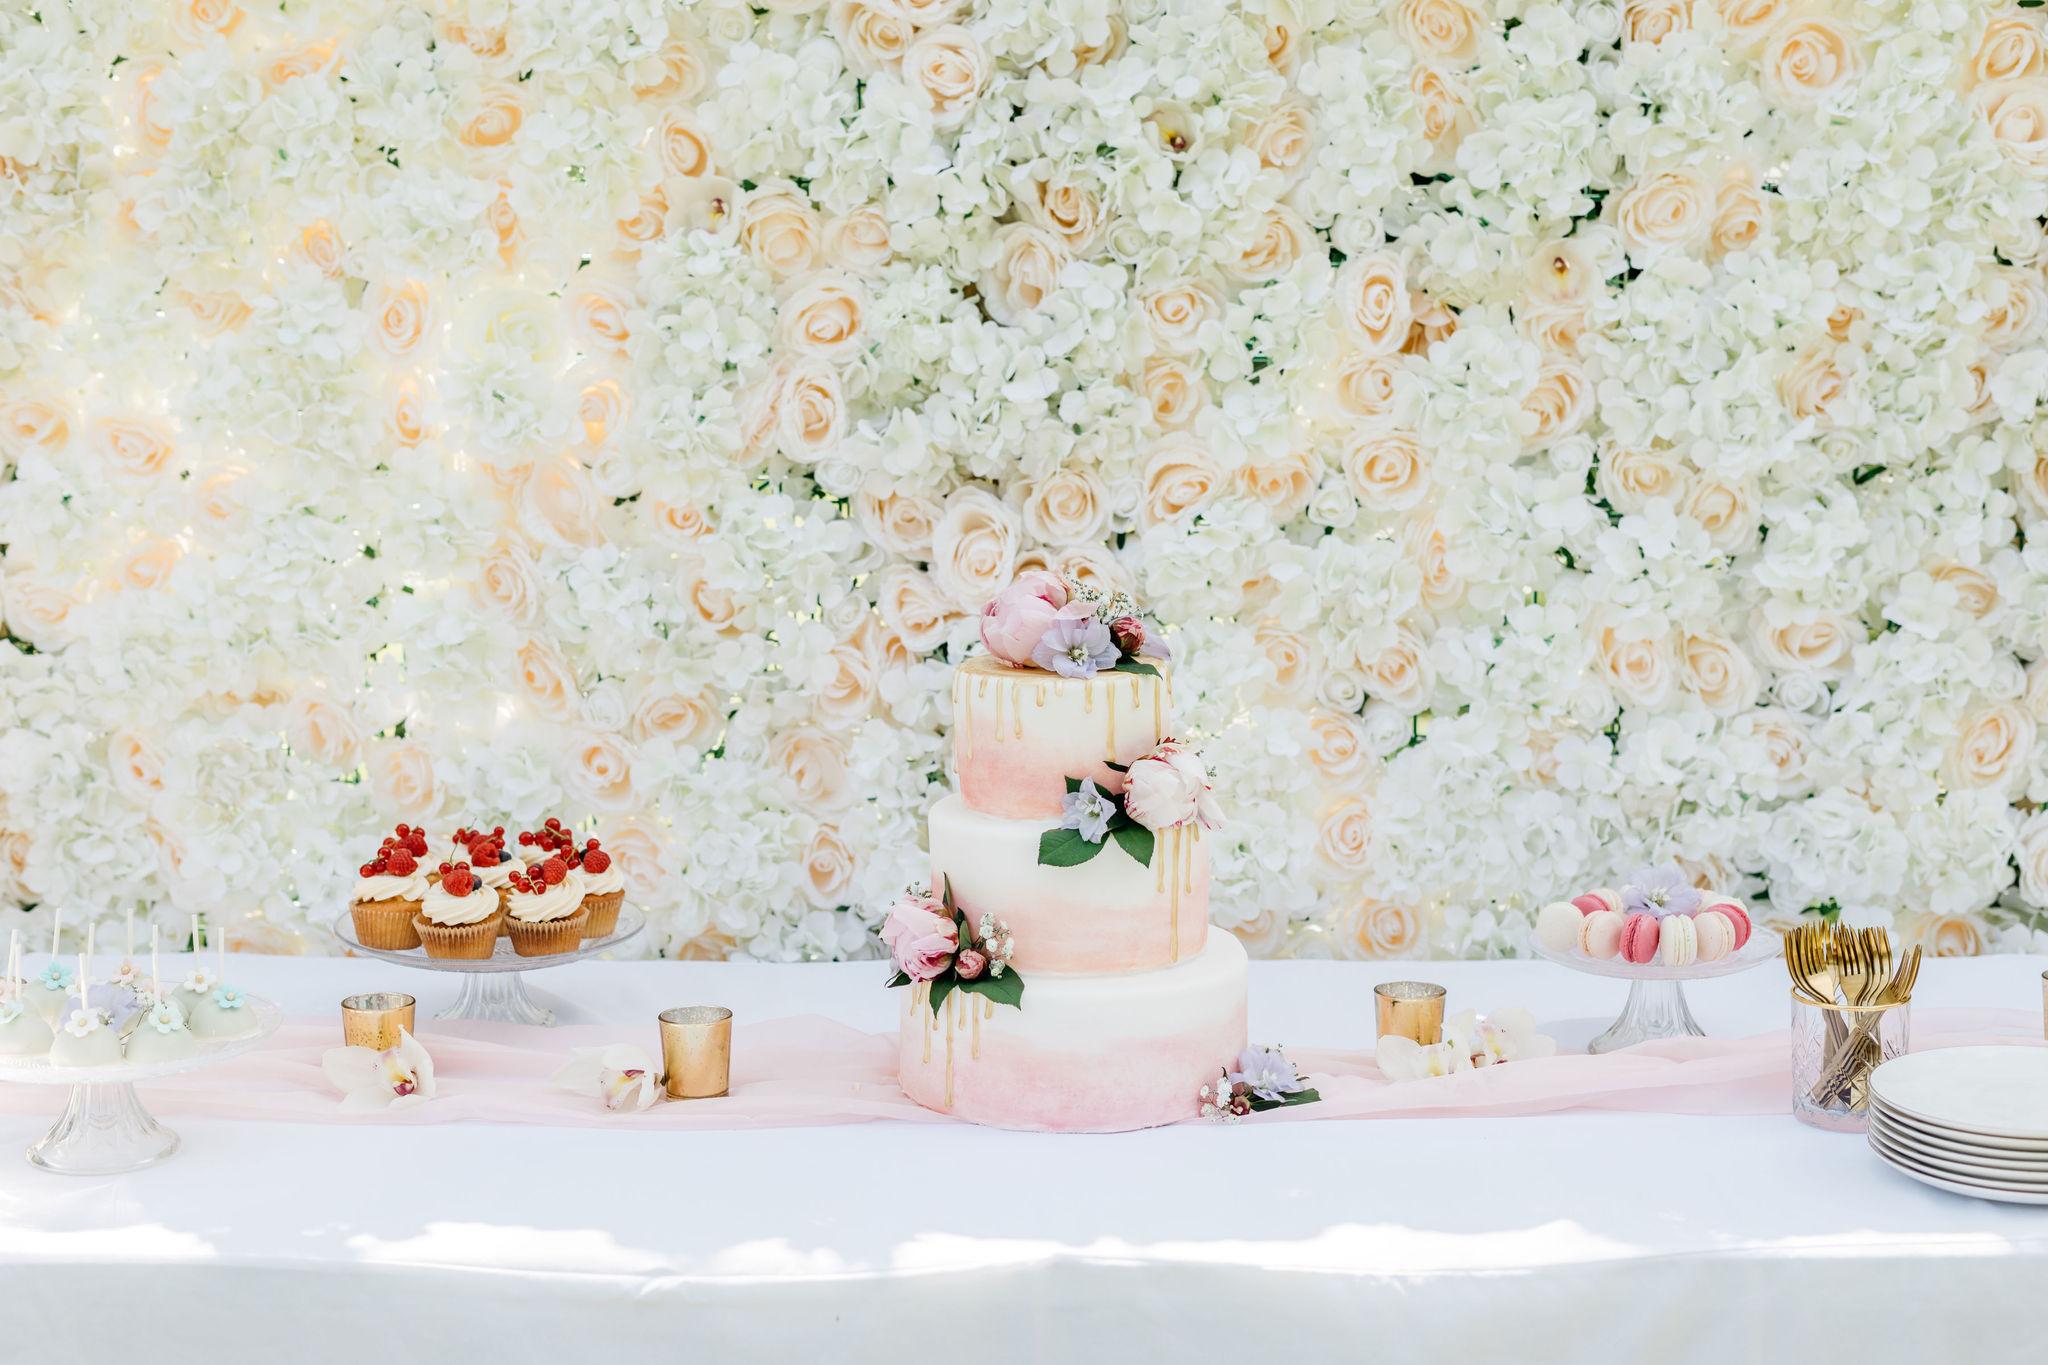 Sweet table op je bruiloft flowerwall - Elise Rachelle Fotografie